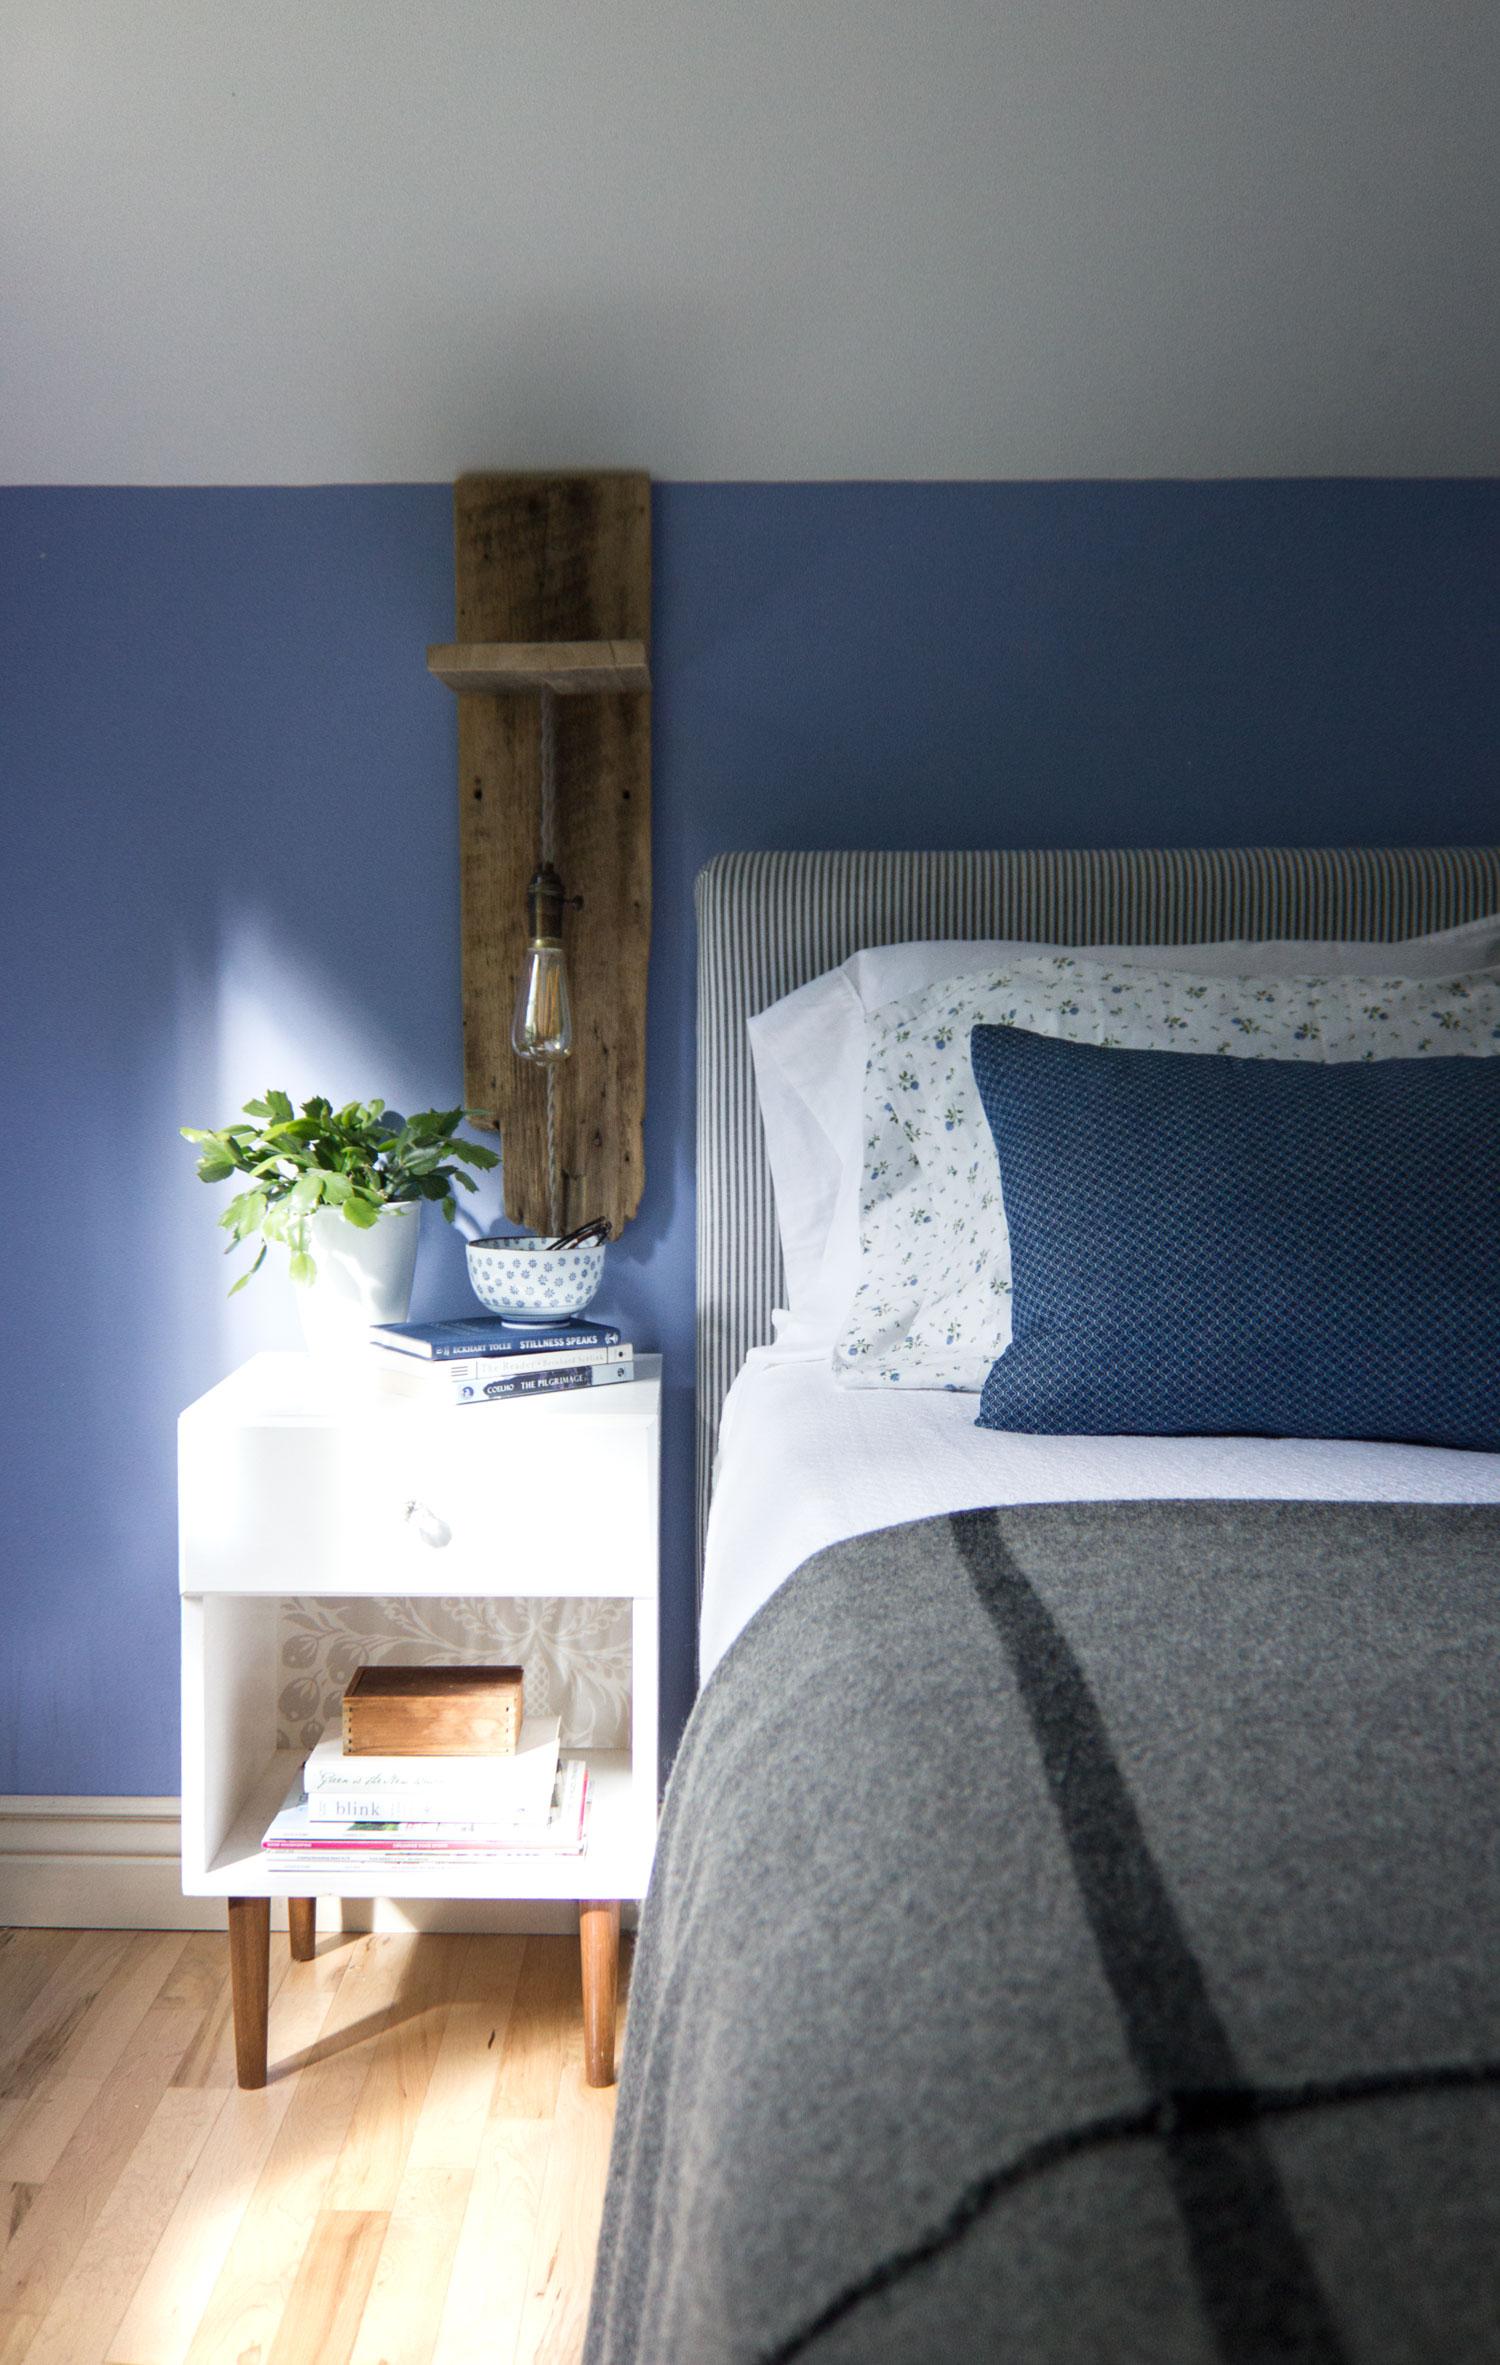 创建一个基本家家 - 简单的家居设计和装饰